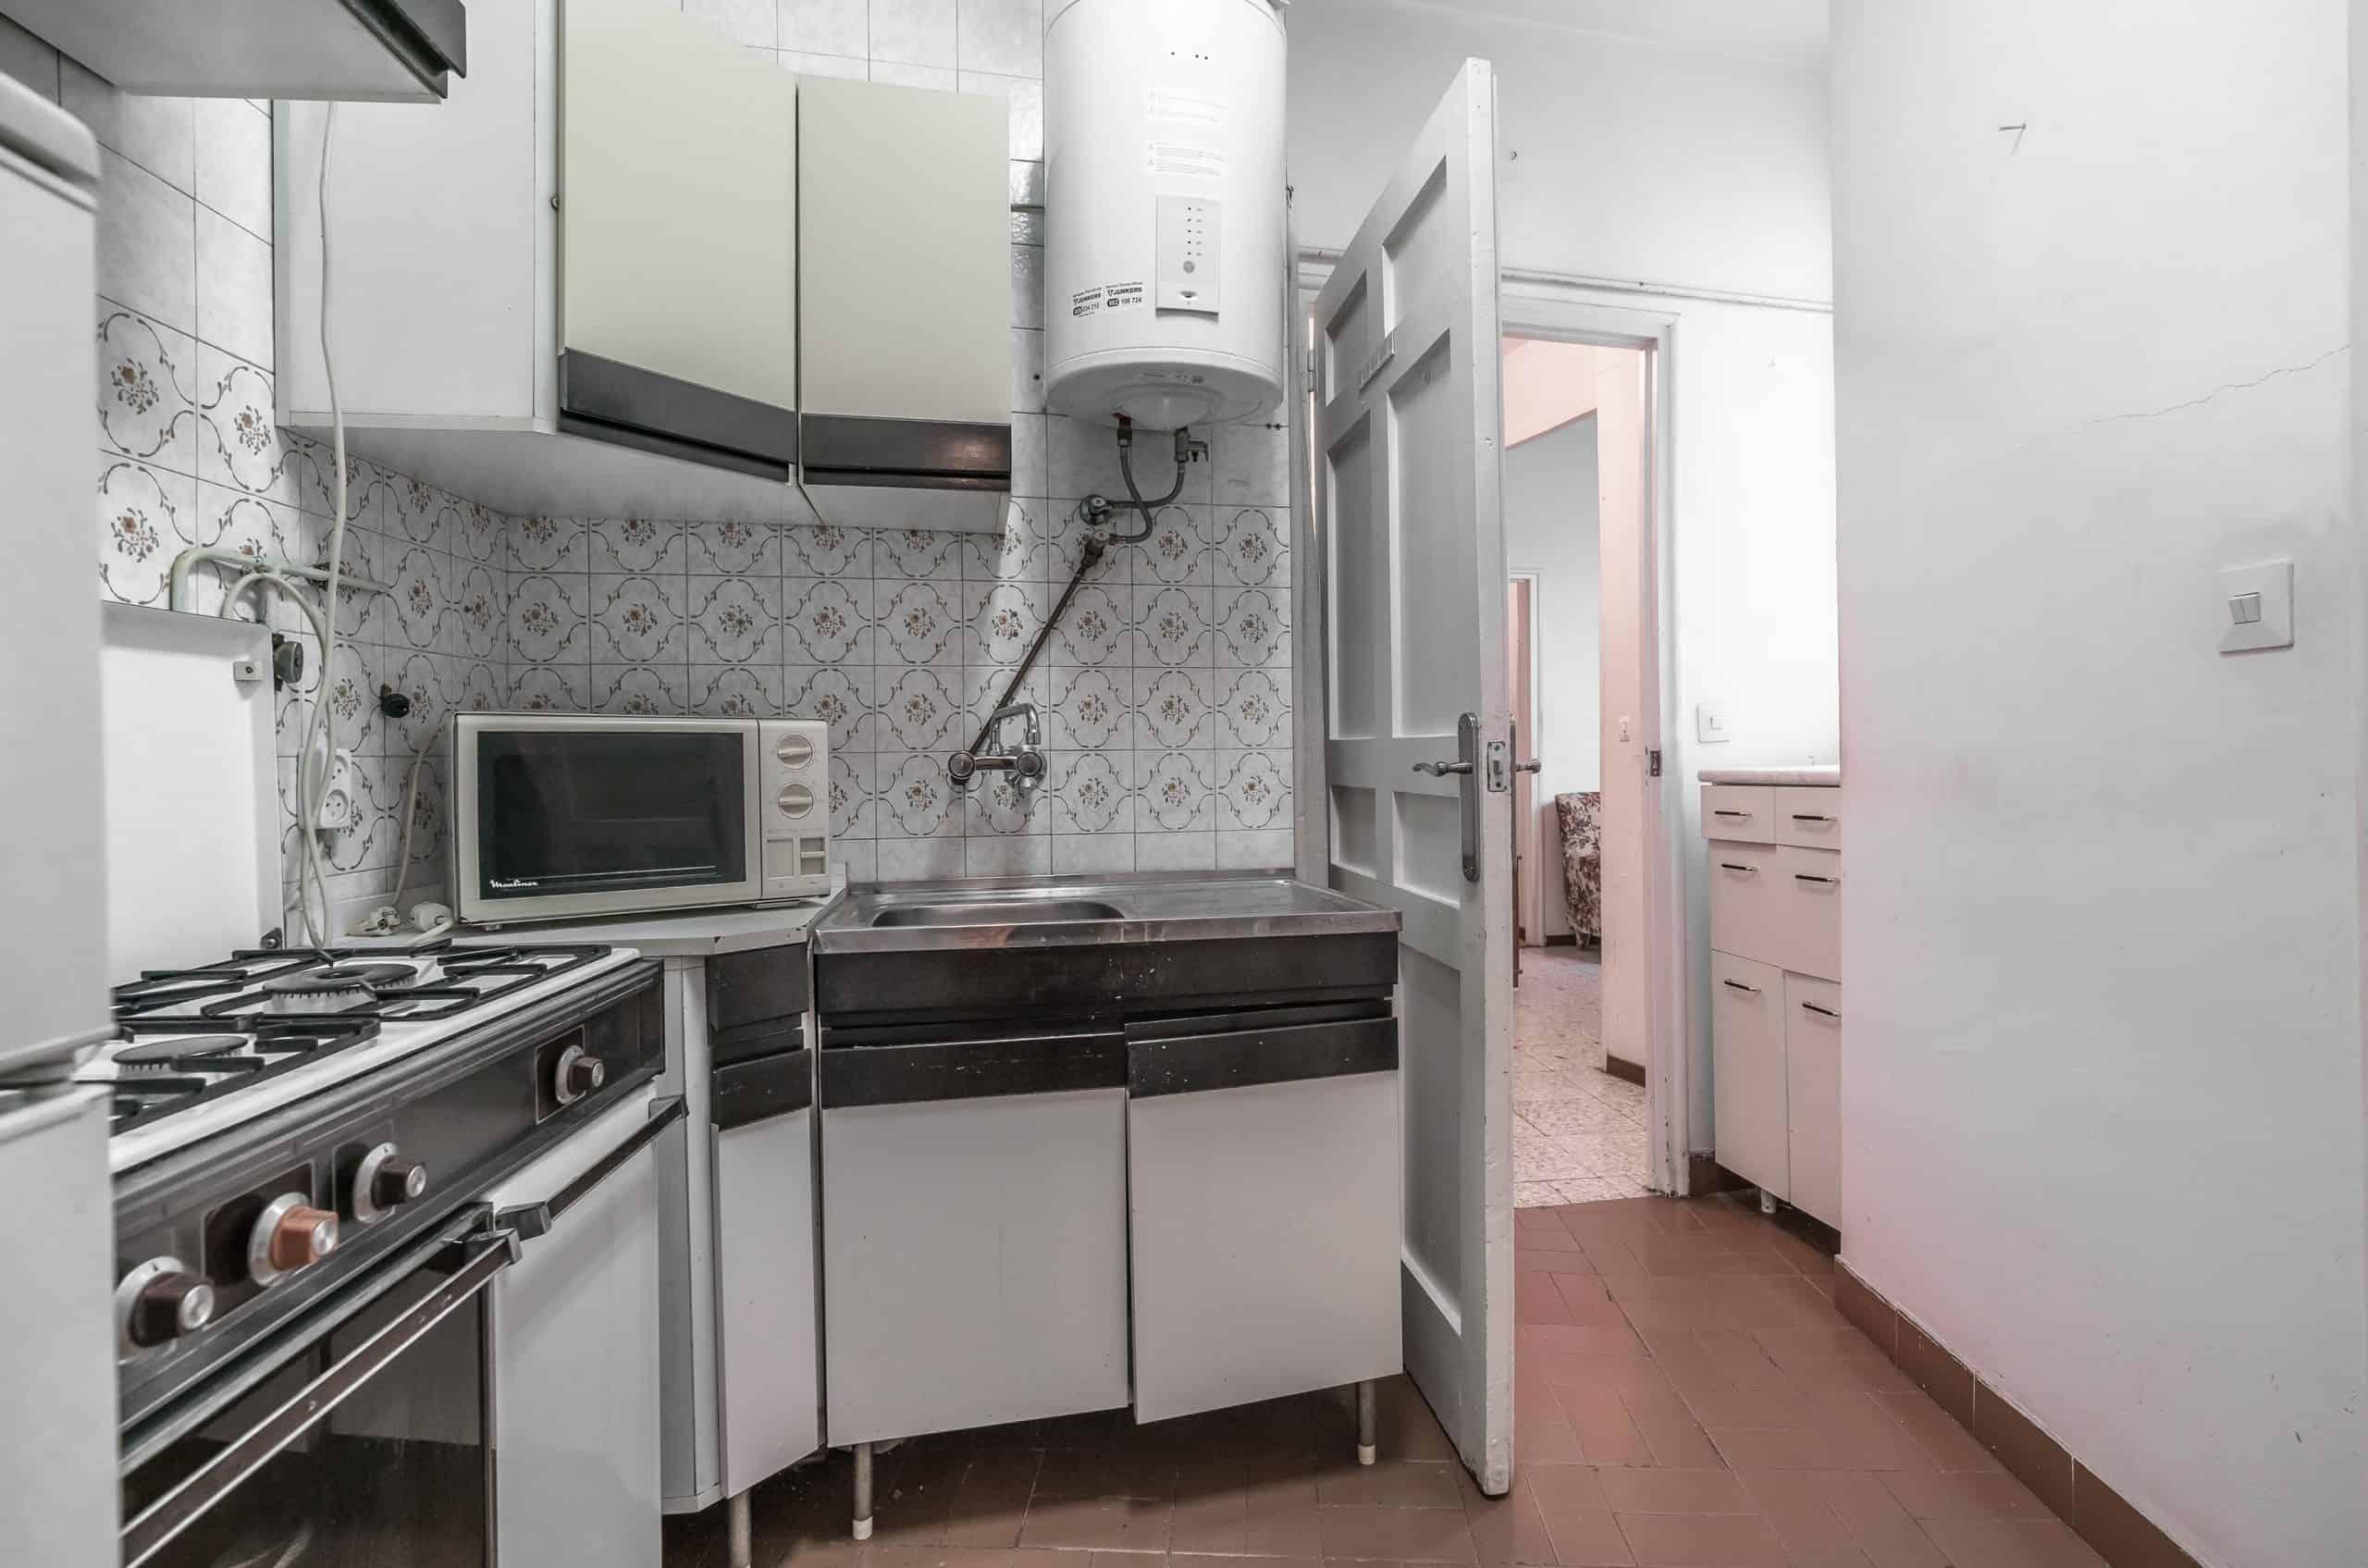 Agencia Inmobiliaria de Madrid-FUTUROCASA-Zona ARGANZUELA-EMBAJADORES-LEGAZPI -plaza General Vara del Rey- cocina (3)